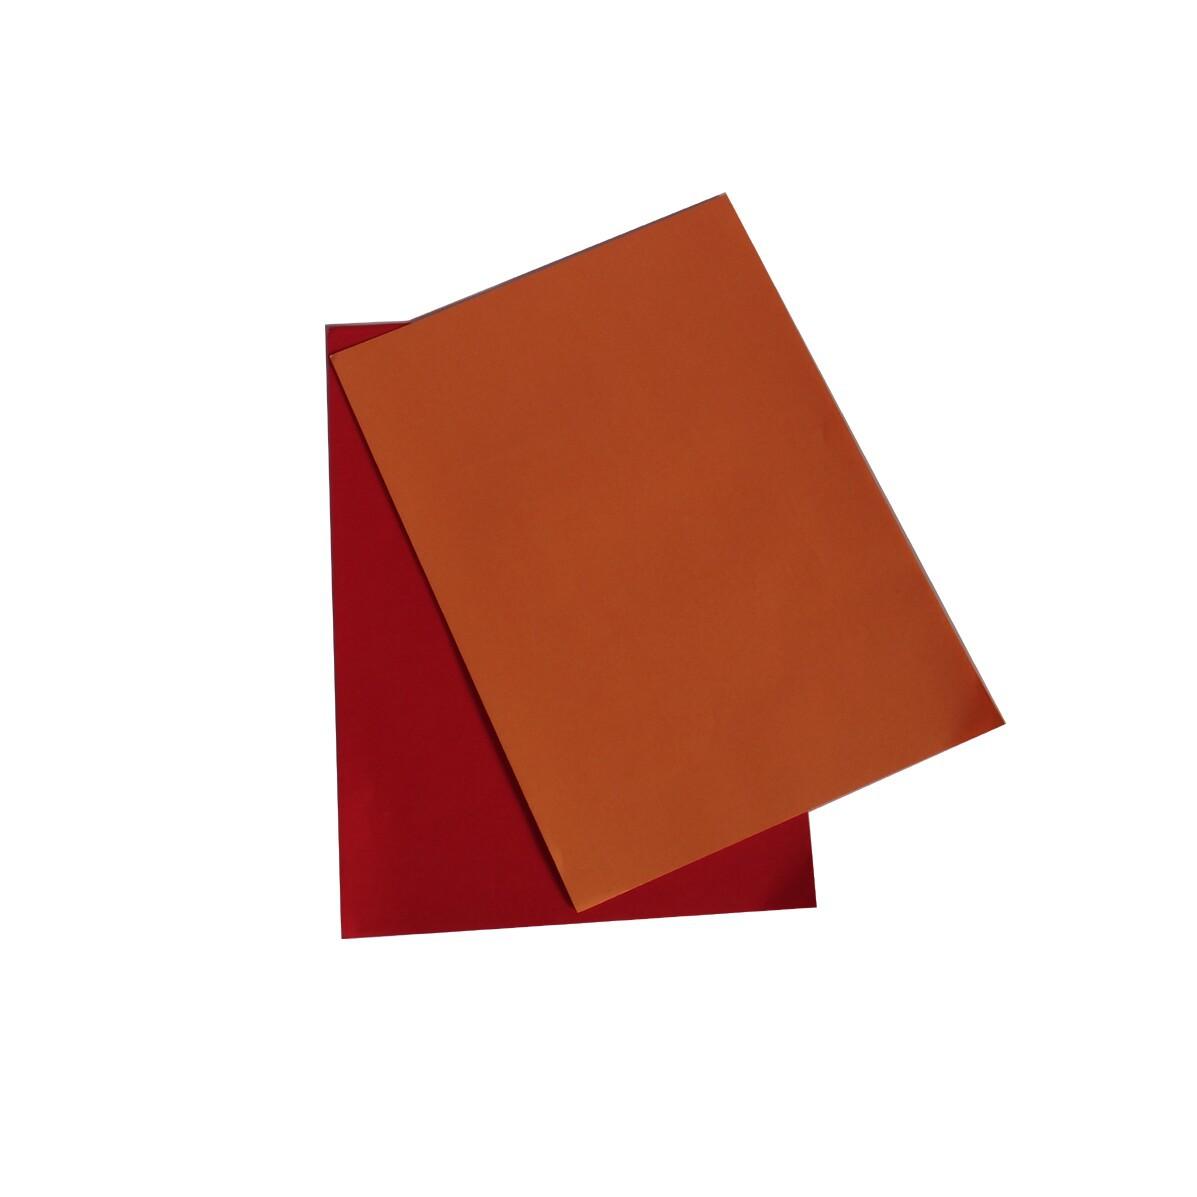 大量批发 彩色复印纸 70g A4 多功能彩纸/折纸 500张/包 厂